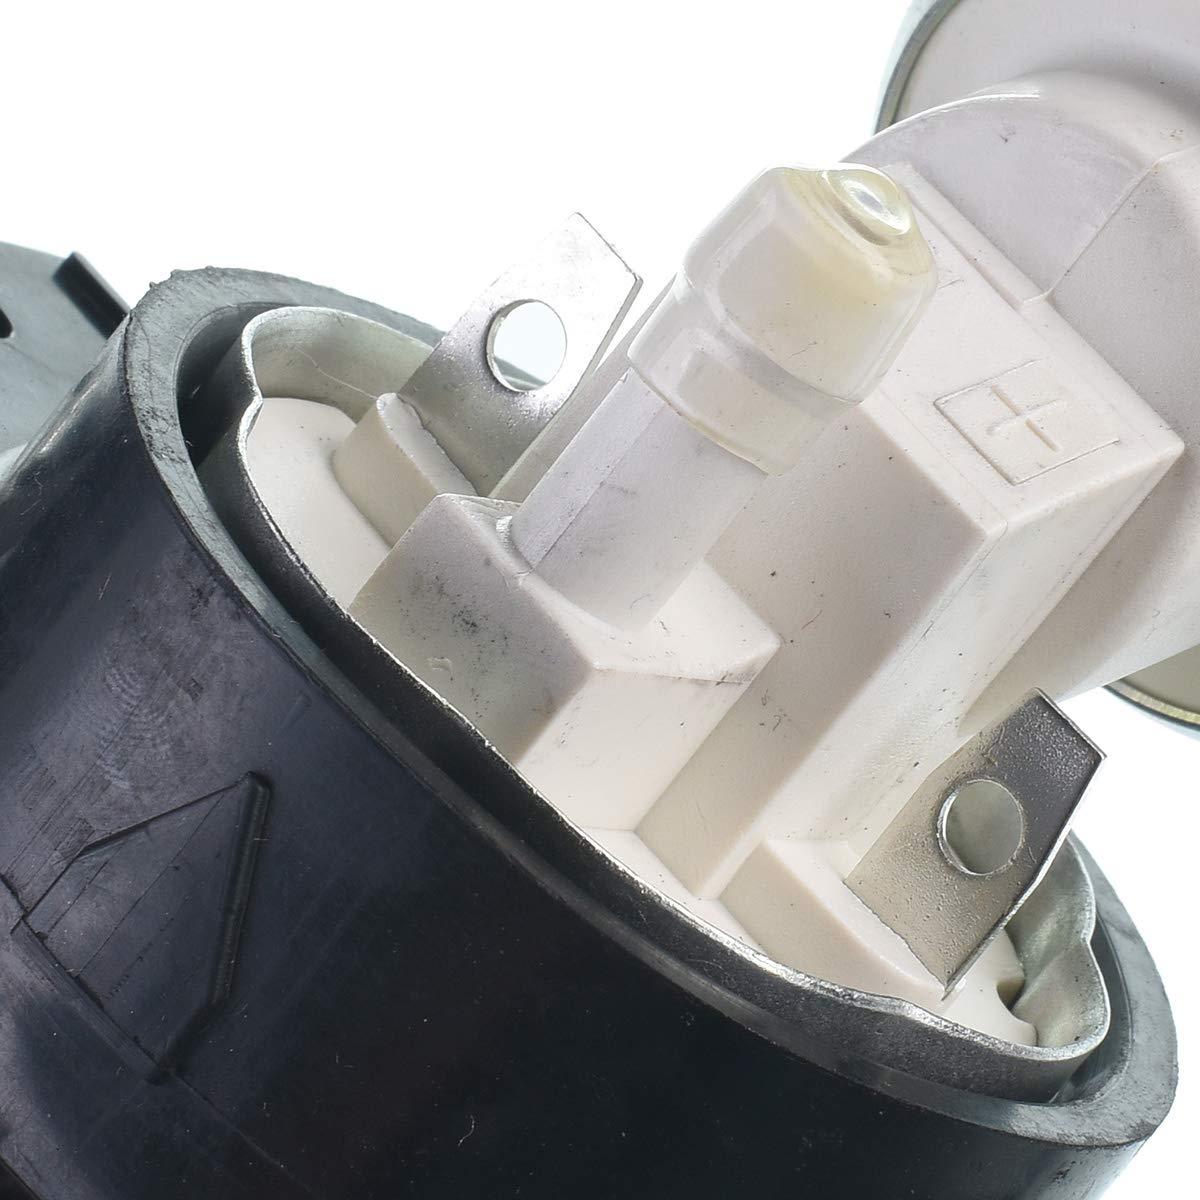 For Clutch Master Cylinder Genuine For Nissan 300ZX 3.0L V6 1990-1996